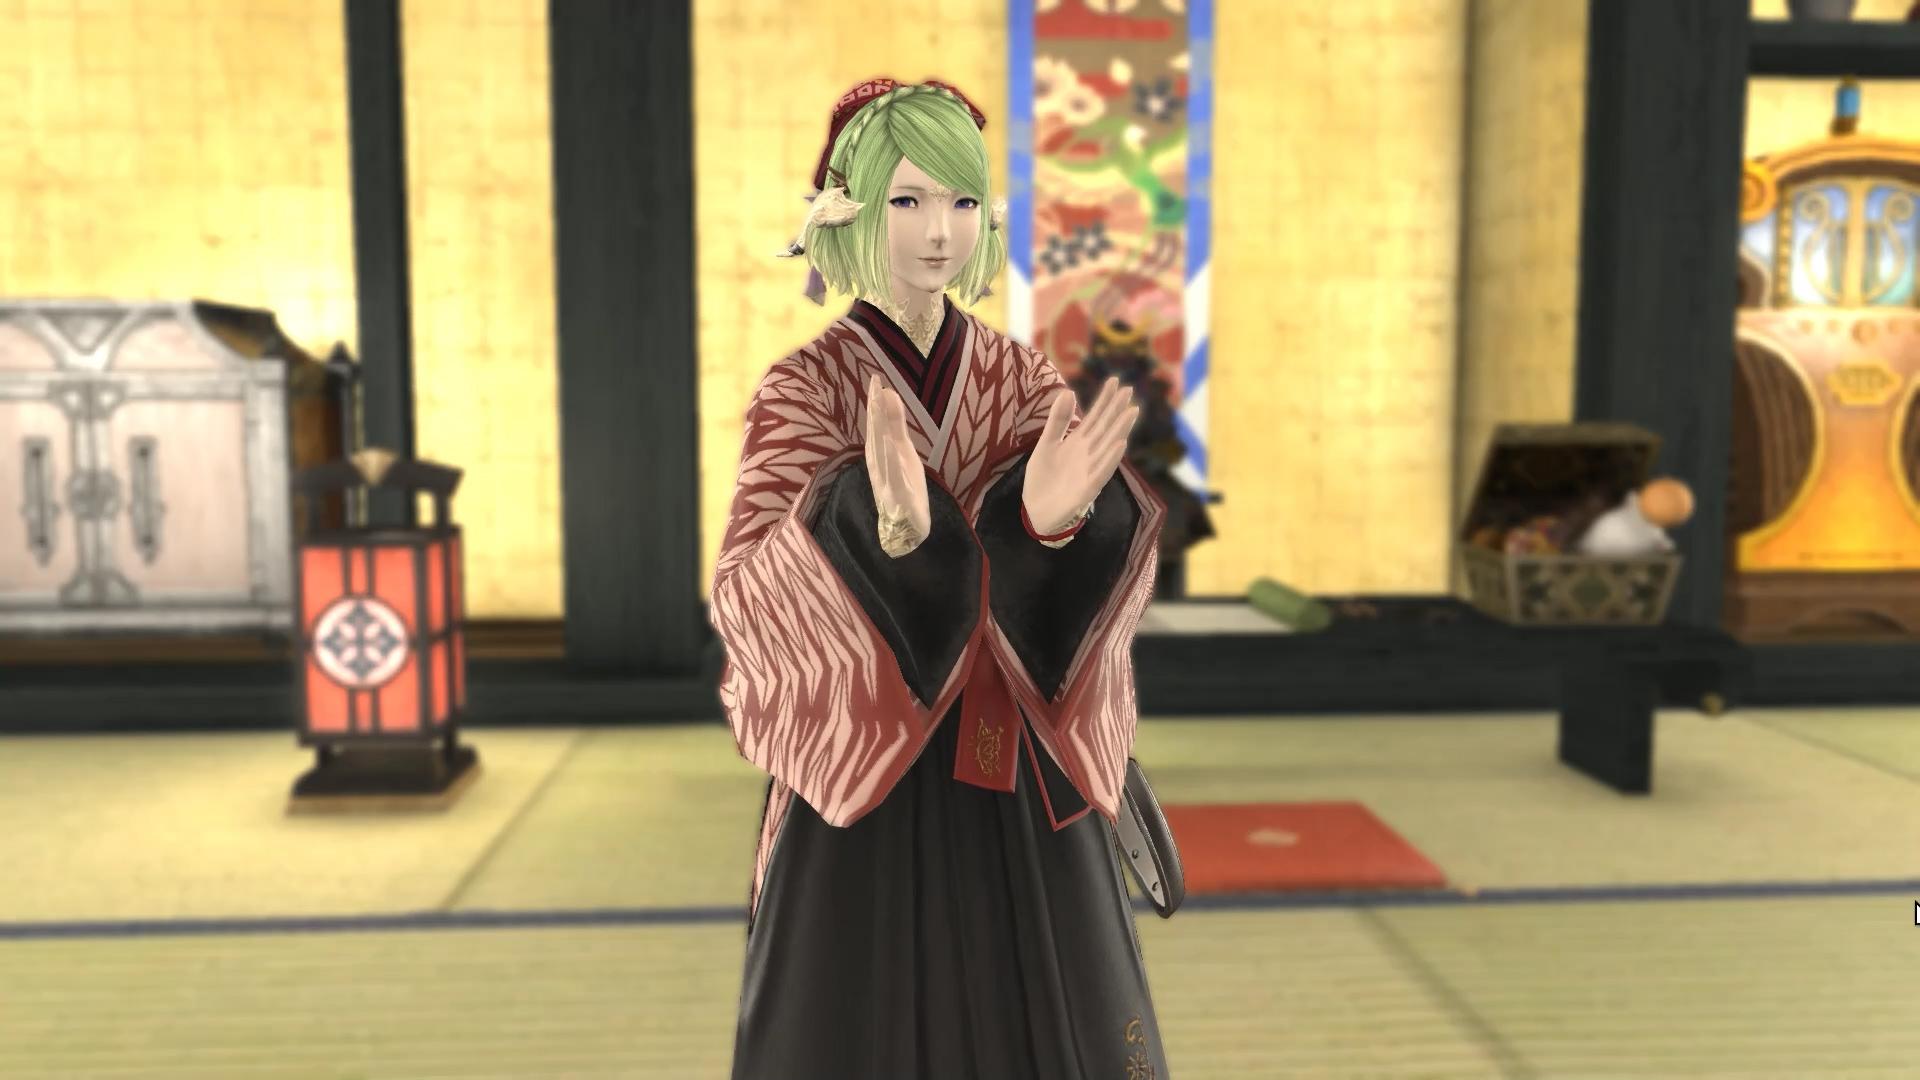 2020/06/30/ 00:52日本の服和服でミランプリ